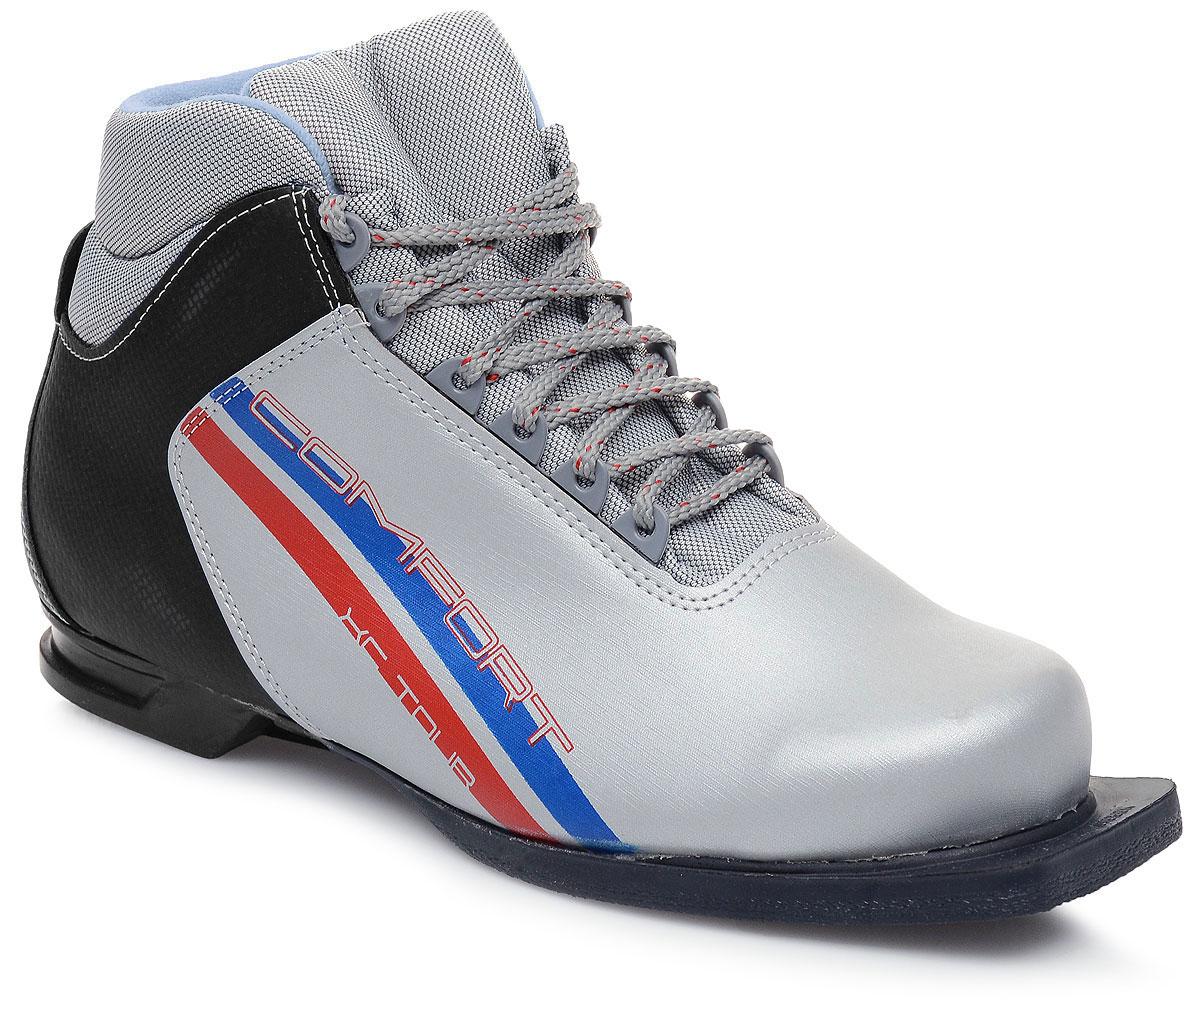 Ботинки лыжные Marax, цвет: серебристый, синий, черный. М350. Размер 43